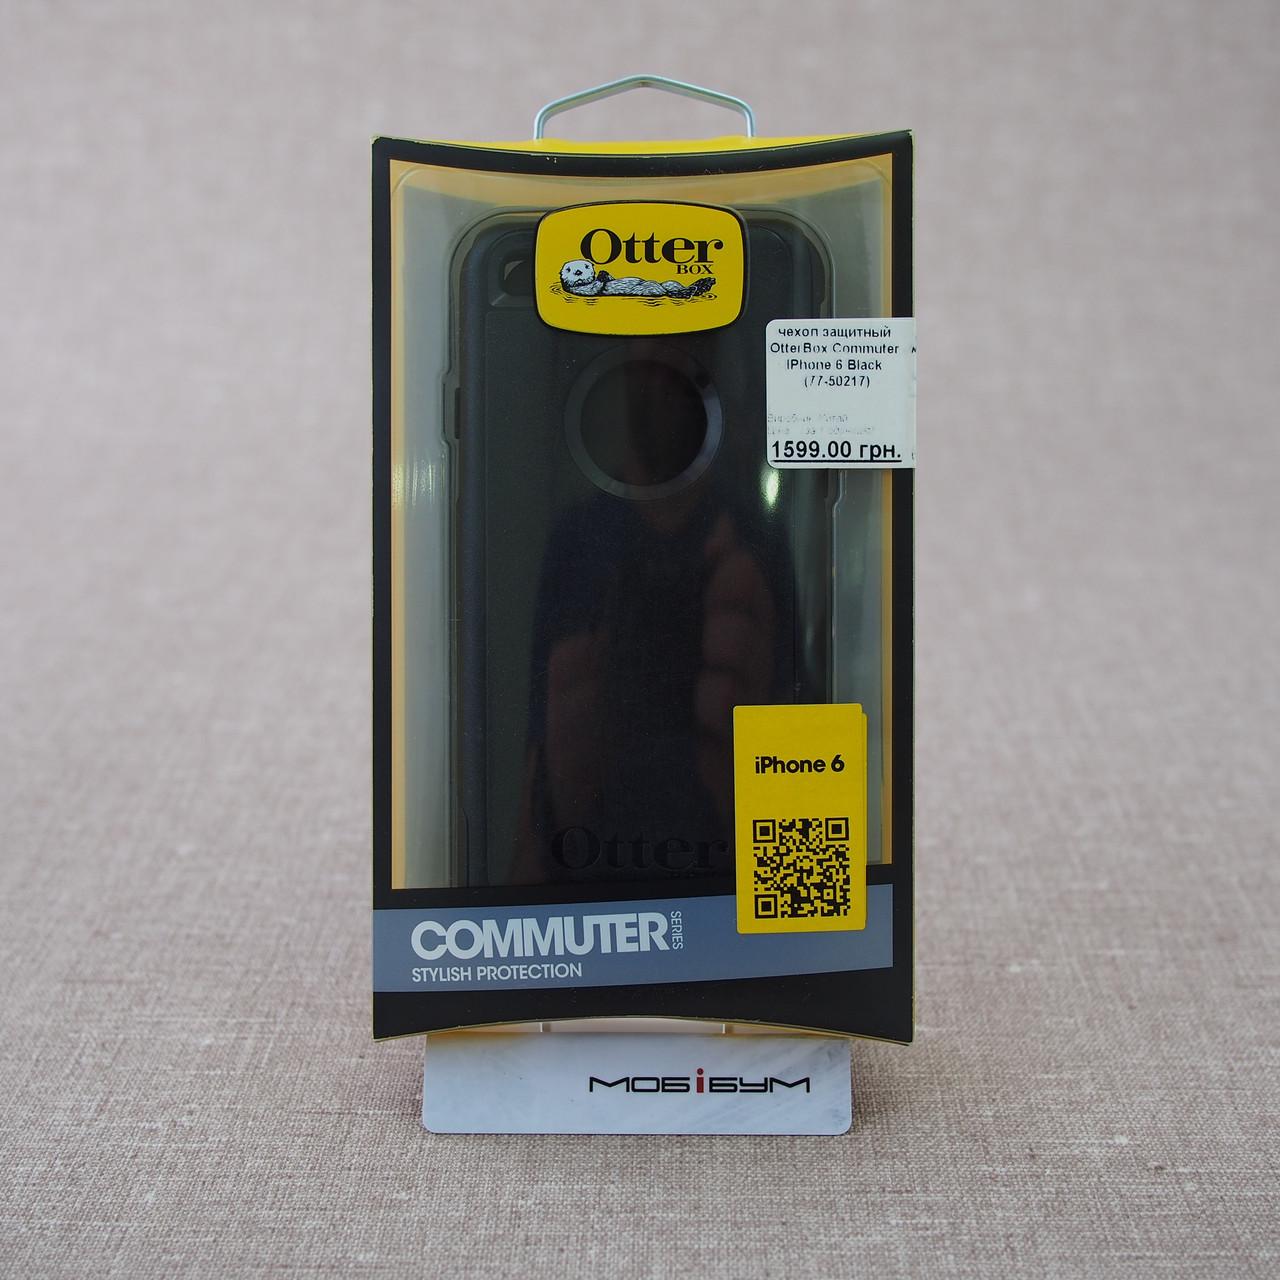 Чехол защитный OtterBox Commuter iPhone 6 black (77-50217) EAN/UPC: 660543352785